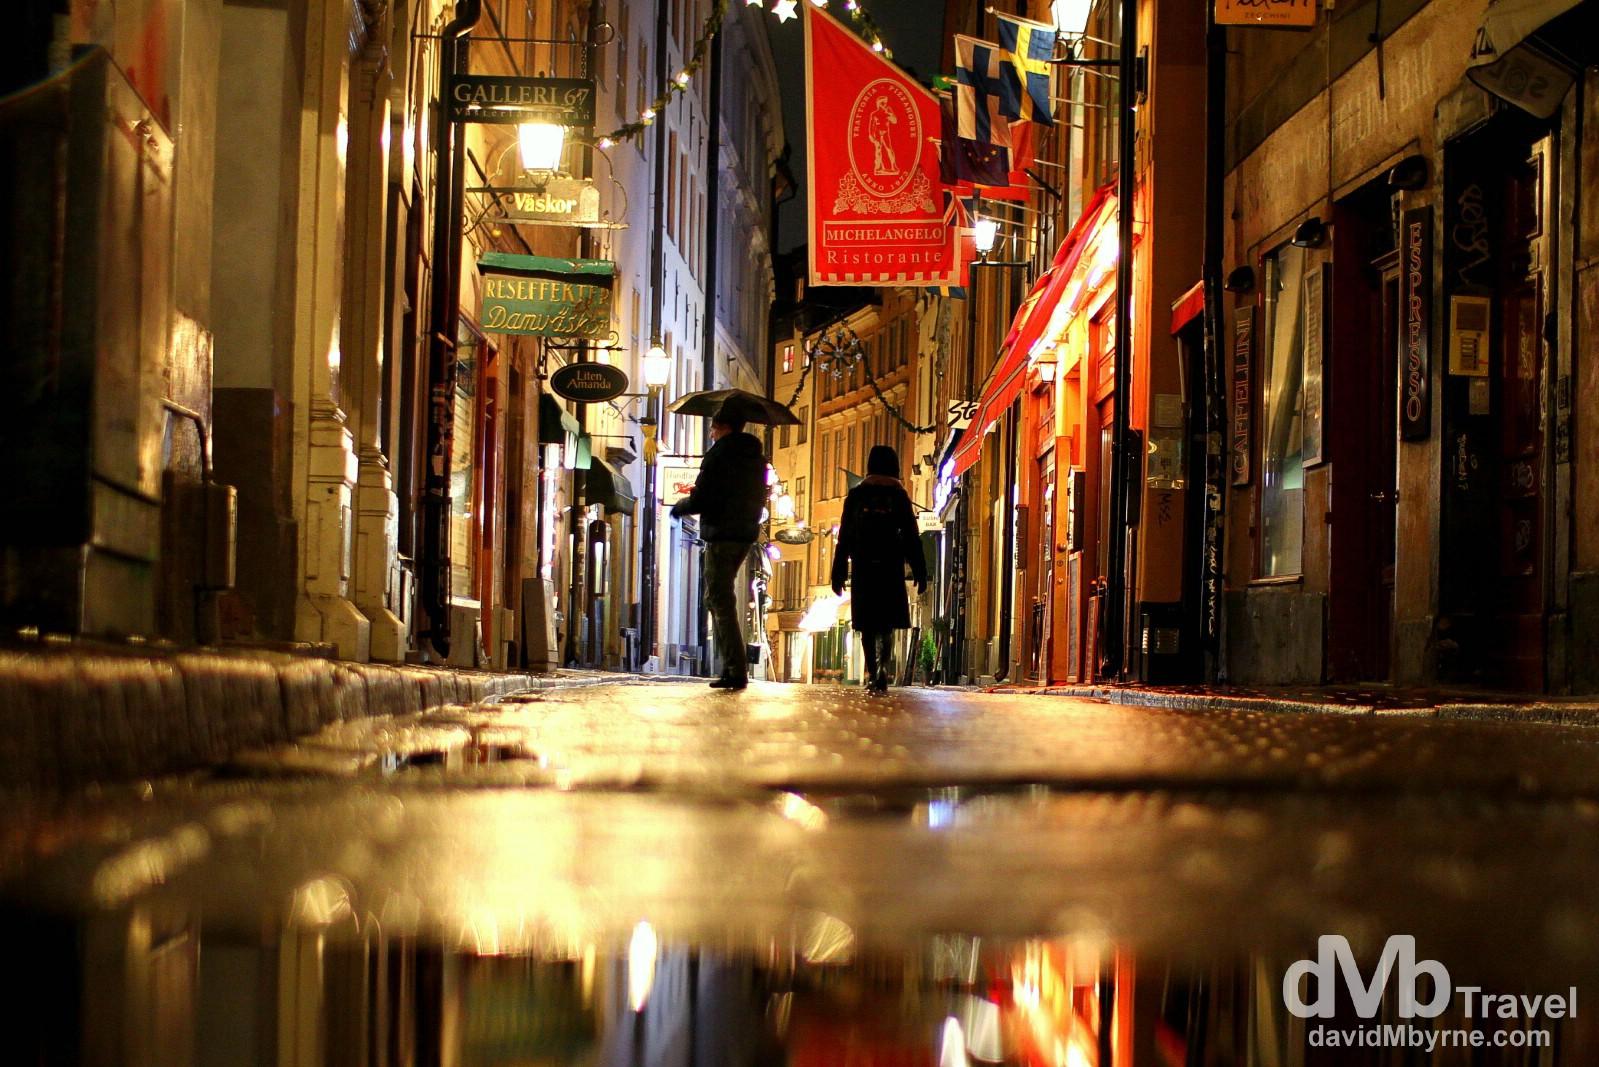 Vesterlanggatan, Gamla Stan, Stockholm, Sweden. November 26th 2012.